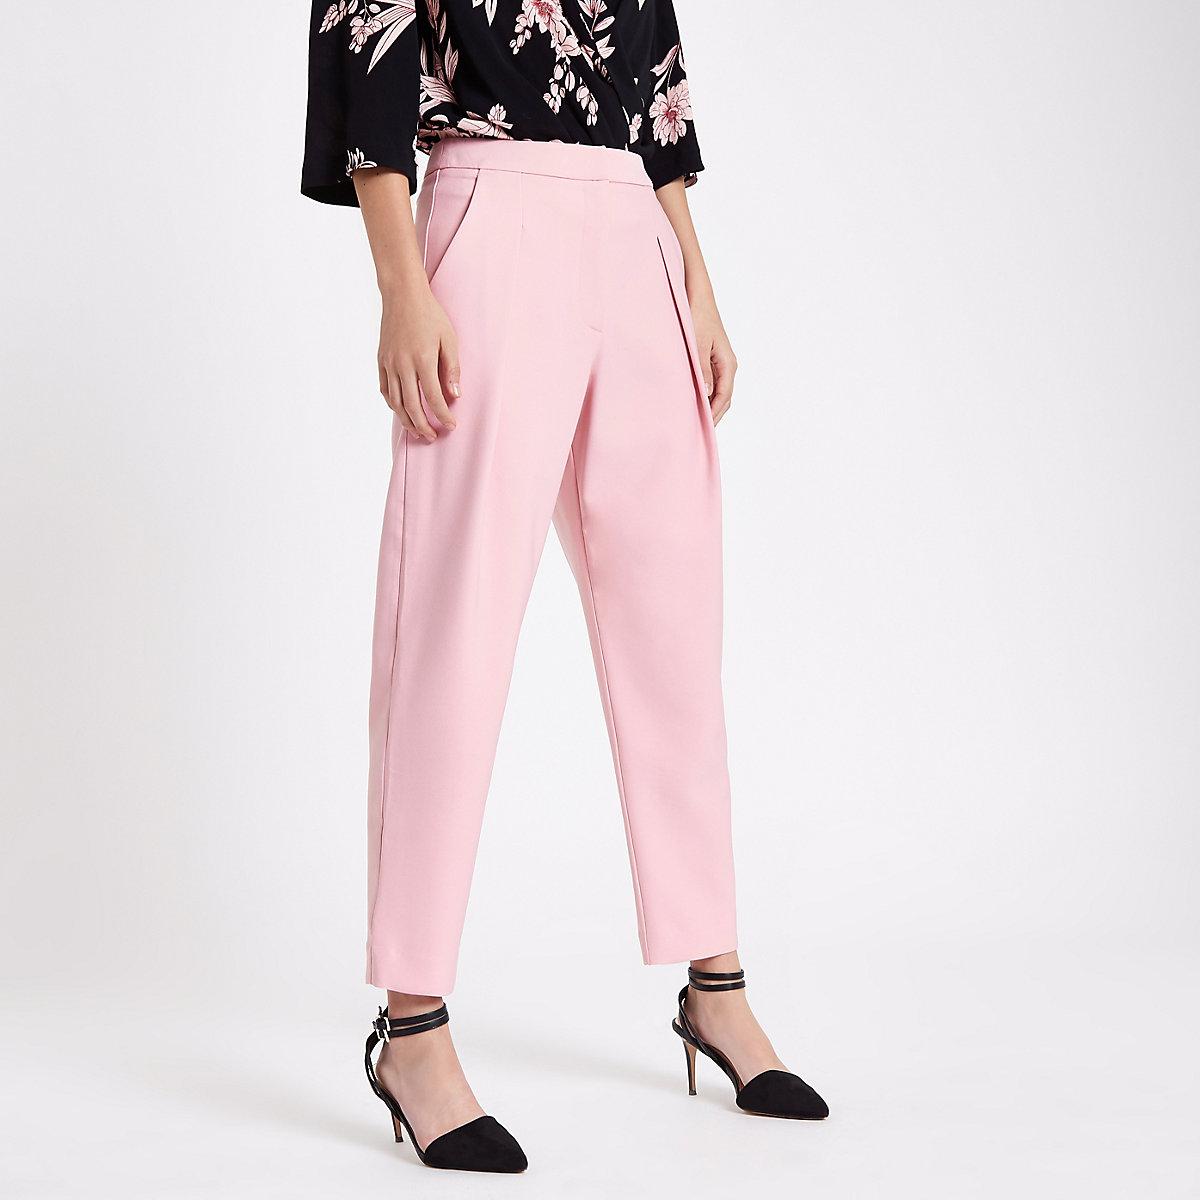 Pink pleated peg pants